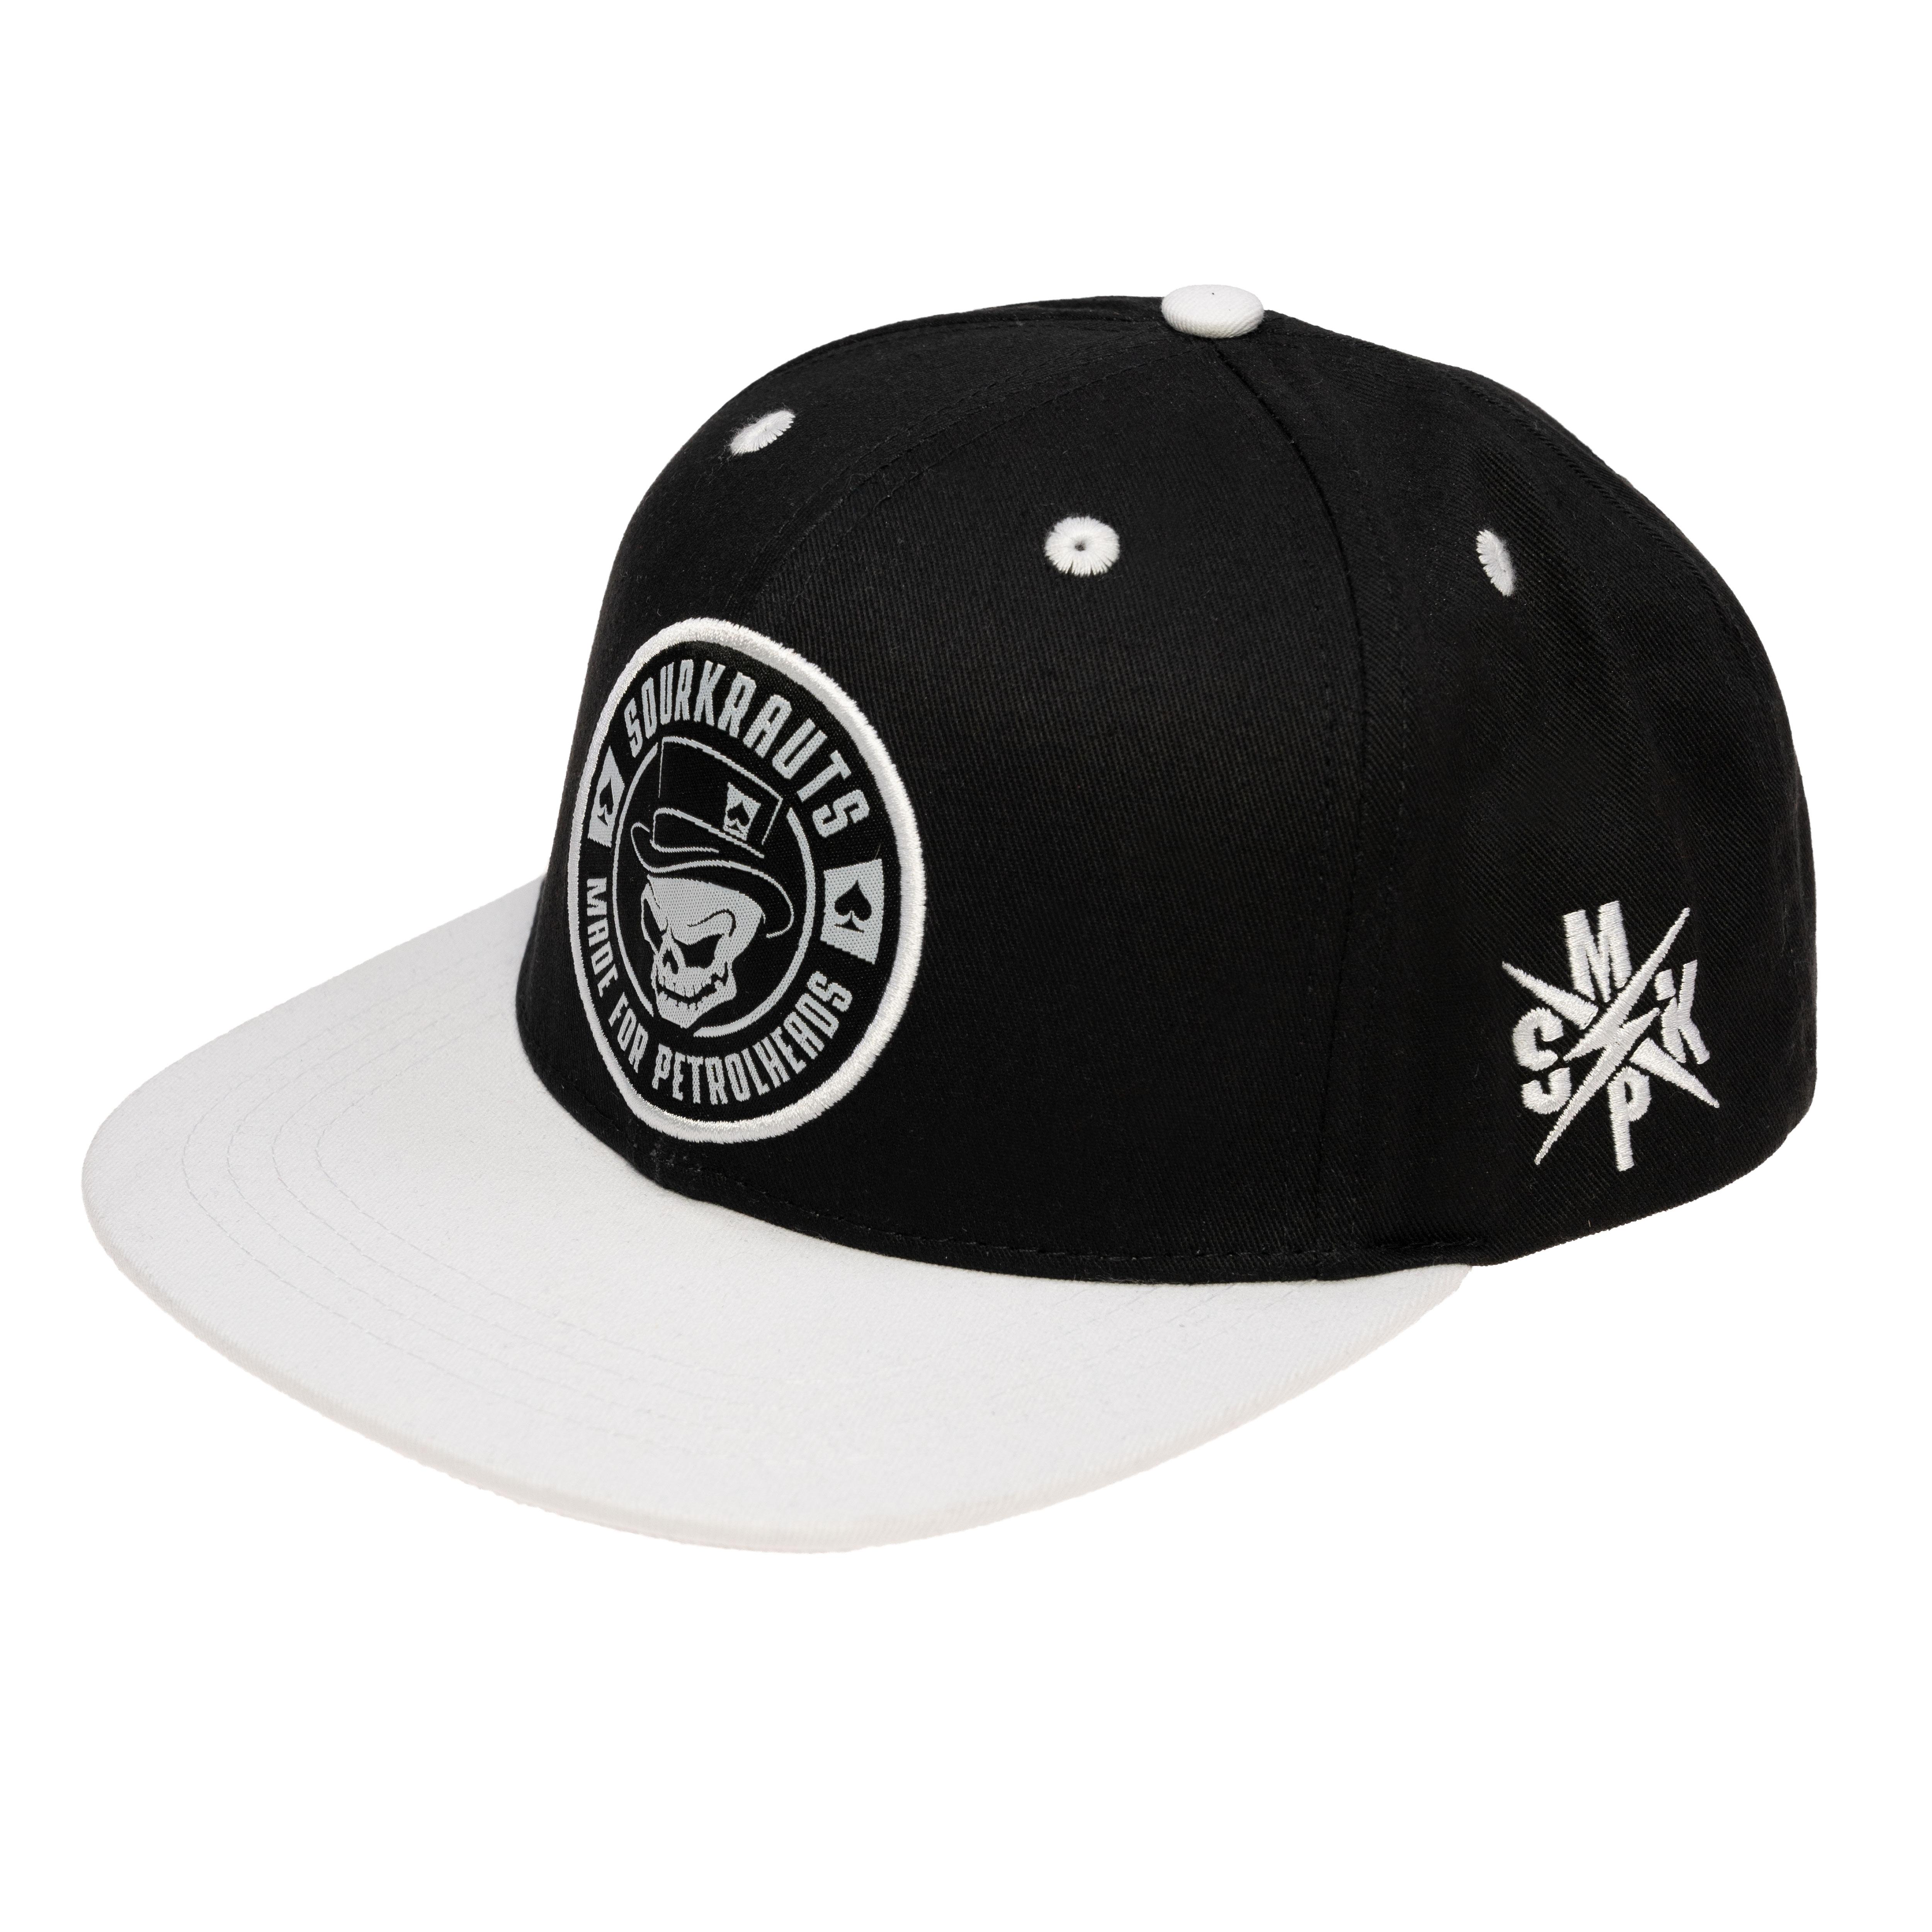 Snapback Cap   SK II   Schwarz-Weiss